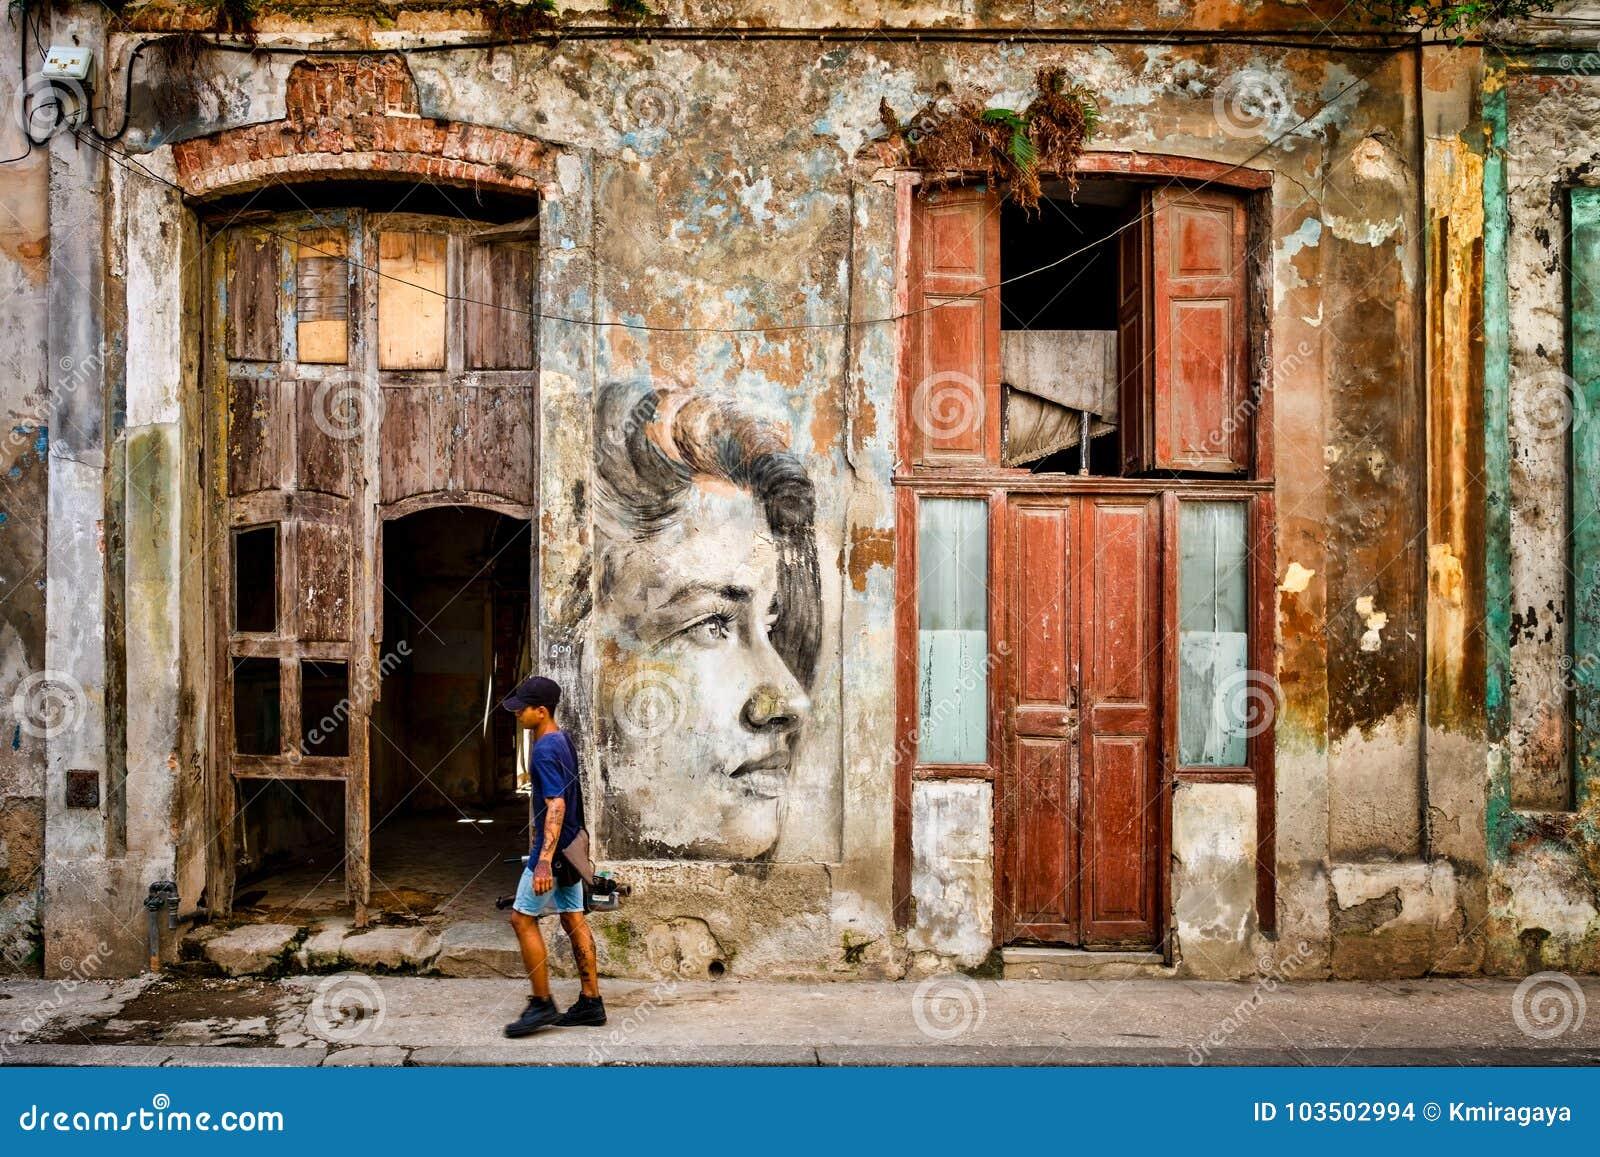 Städtische Szene mit schönem aber verfallendem Gebäude in altem Havana